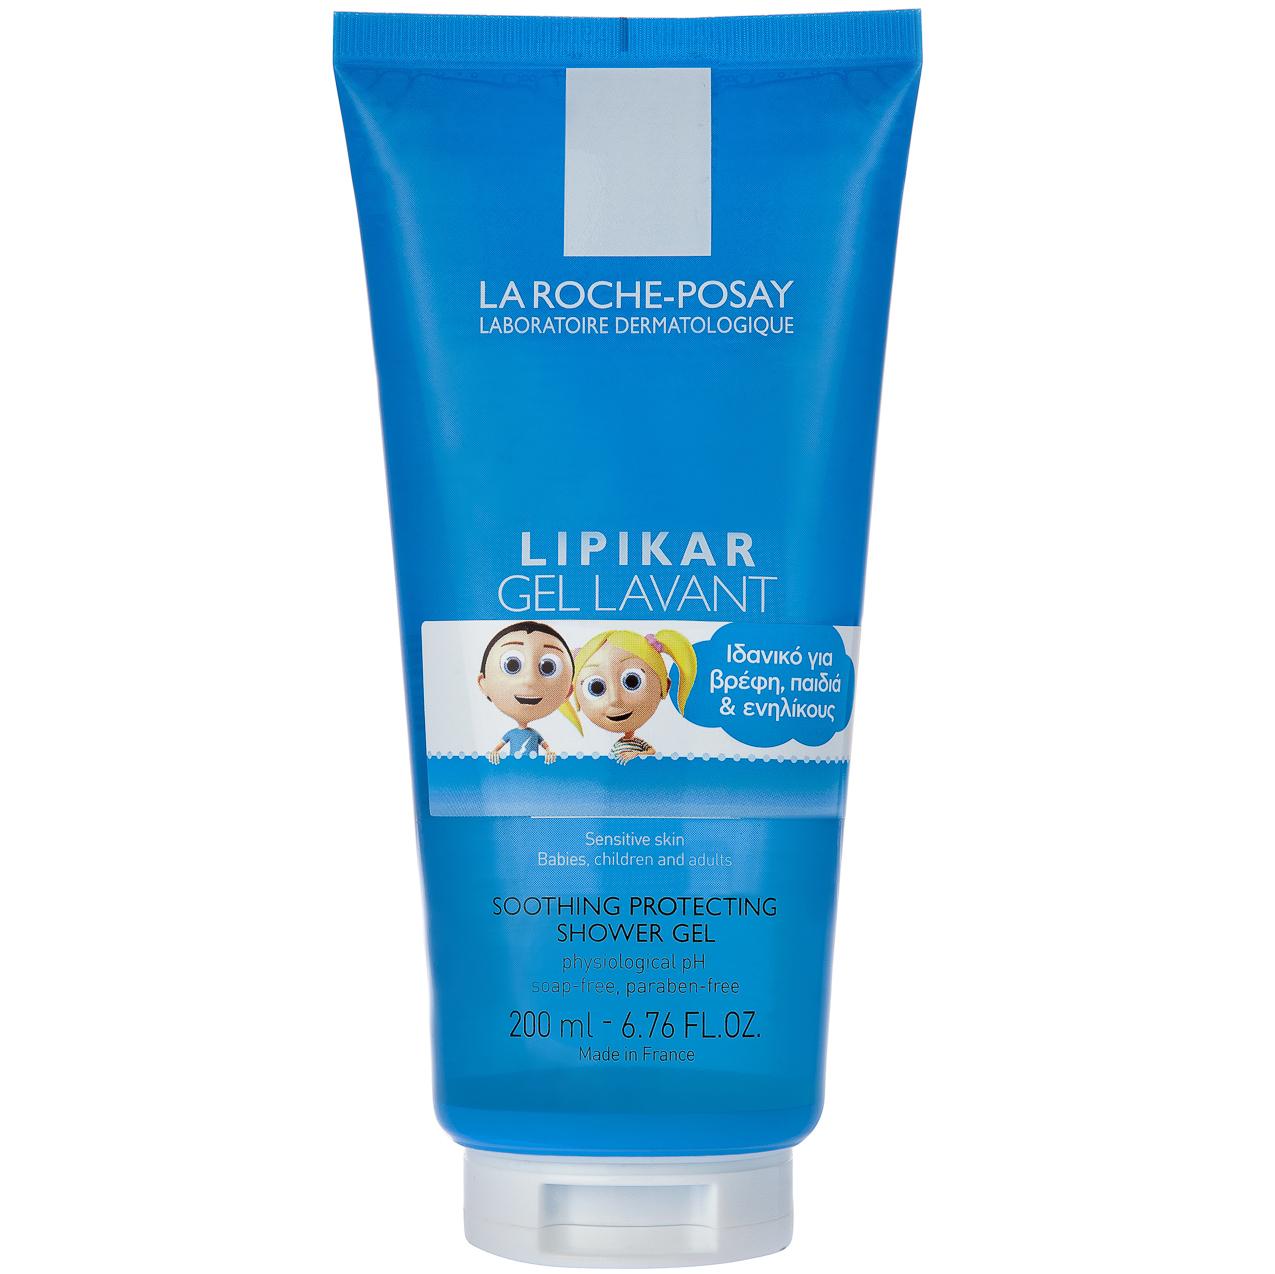 La Roche-Posay Lipikar Gel LavantΑπαλός Καθαρισμός & Προστασία Προσώπου & Σώματος – 200ml